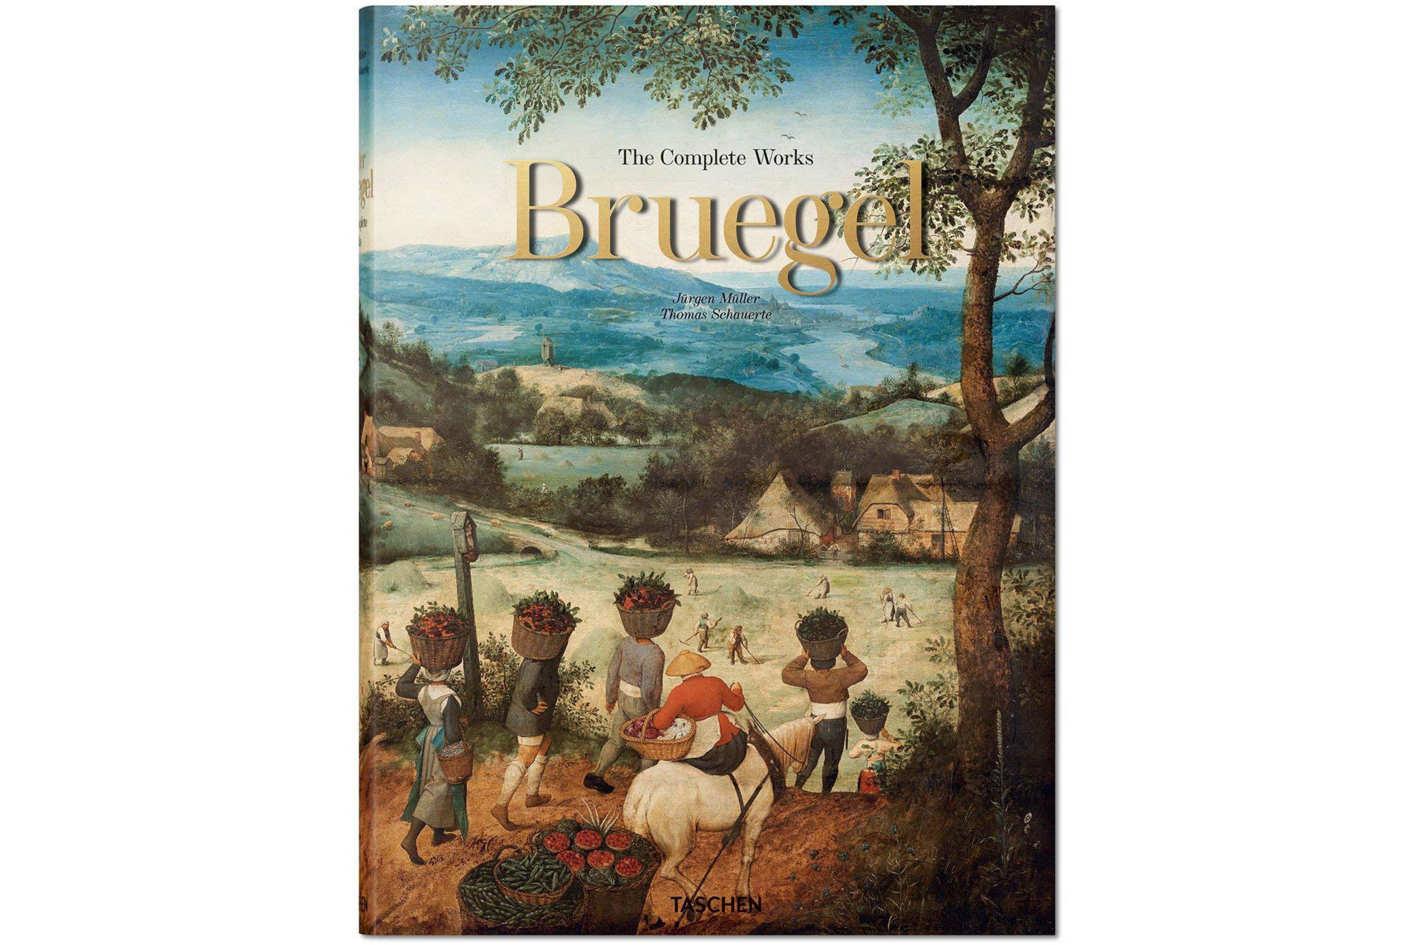 <em>Pieter Bruegel XXL: The Complete Works</em> by Jurgen Muller